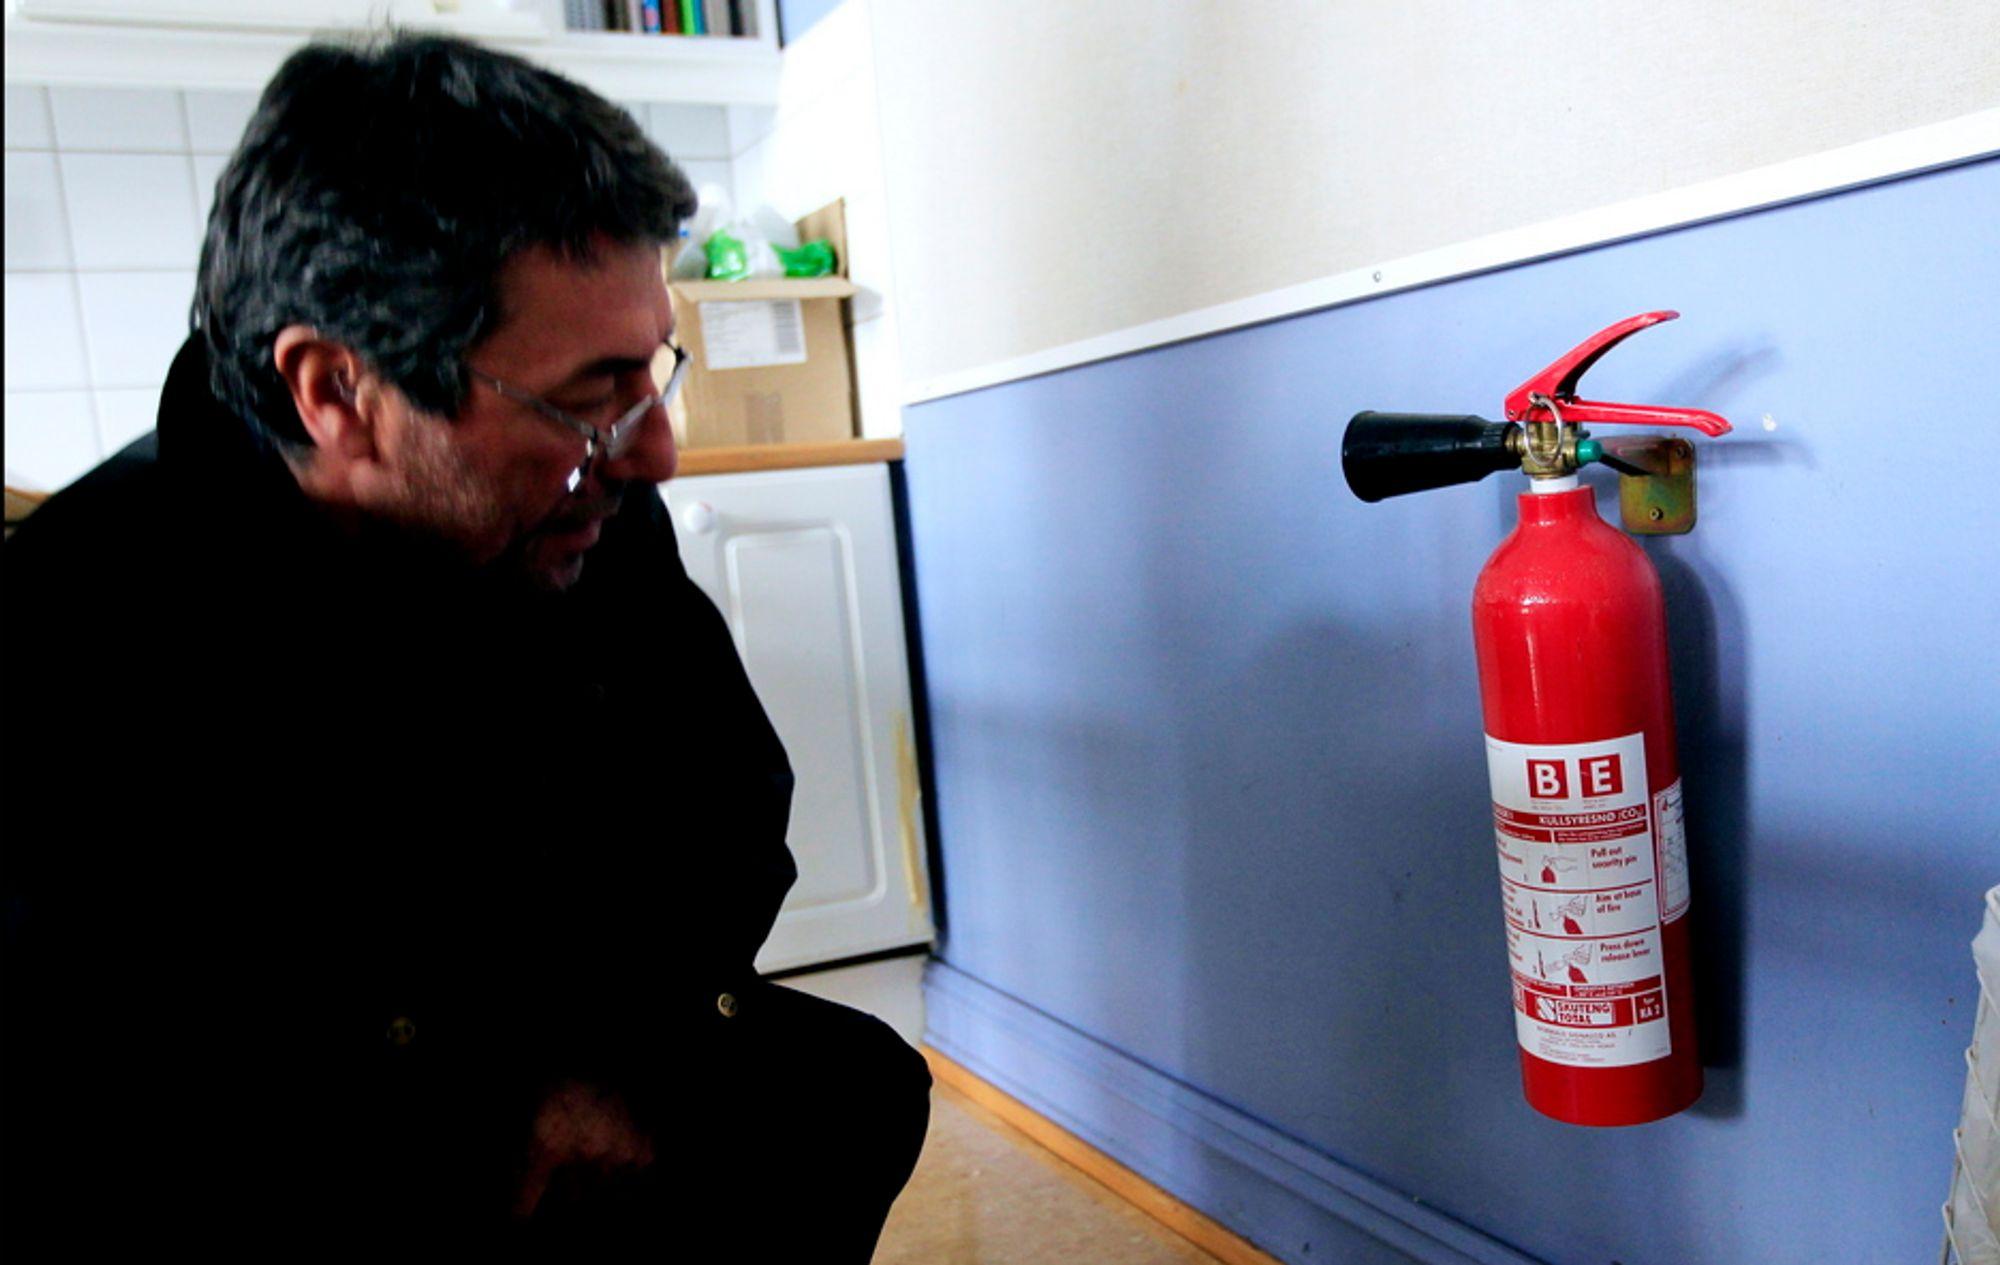 Vaktmester ved Møllergata skole i Oslo står ved et CO2-apparat av typen som forårsaket evakuering av alle Oslo-skolene torsdag. Skolen har denne typen brannslokningsapparat på spesialrom som skolekjøkken og sløydsal.